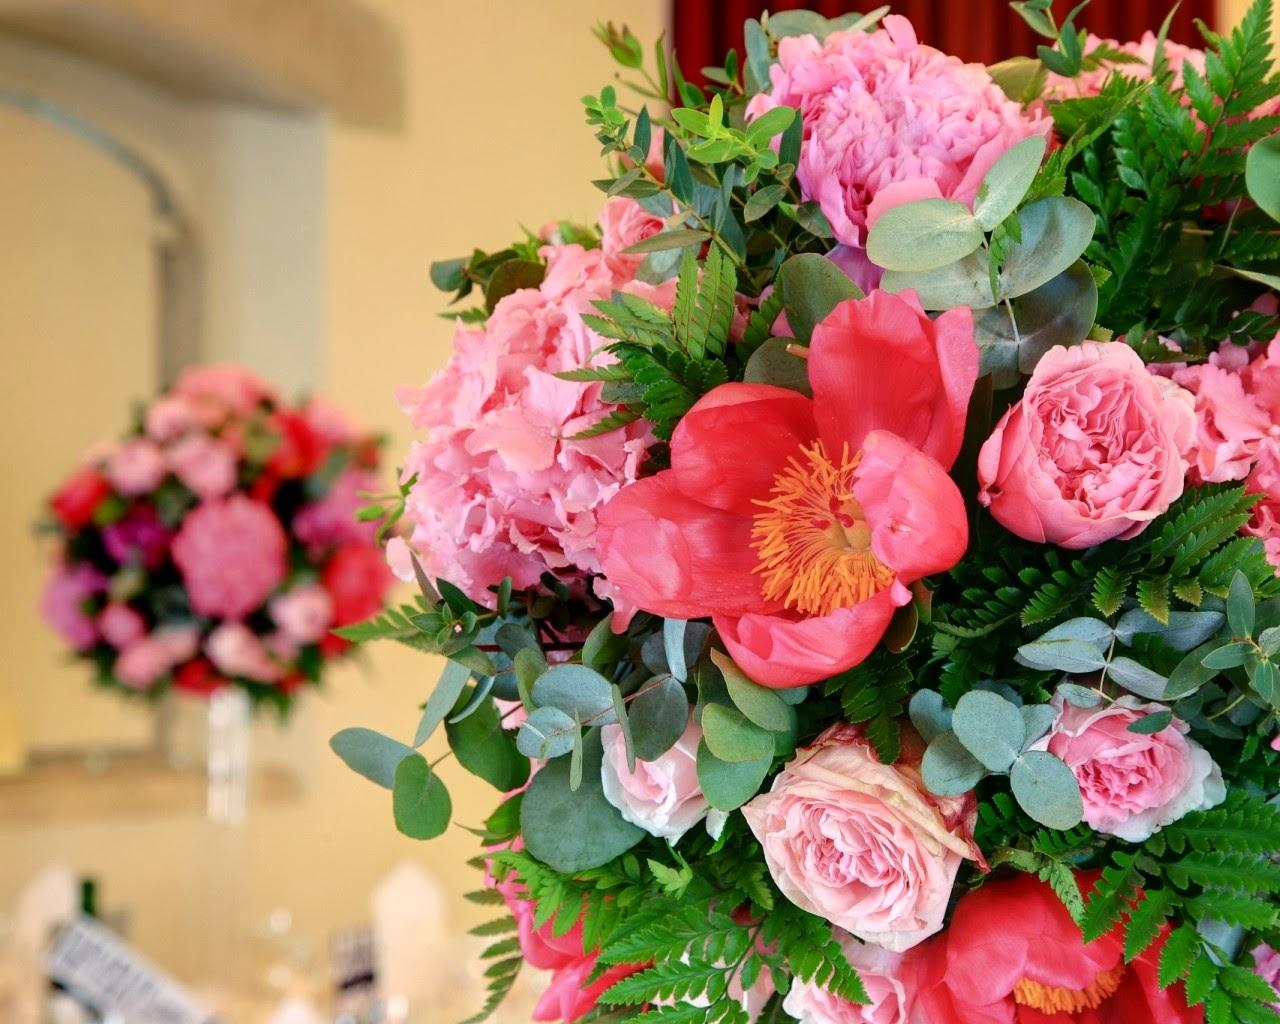 صورة ورود رومانسية , اجمل صور ورود جميلة ورومانسية 3746 3